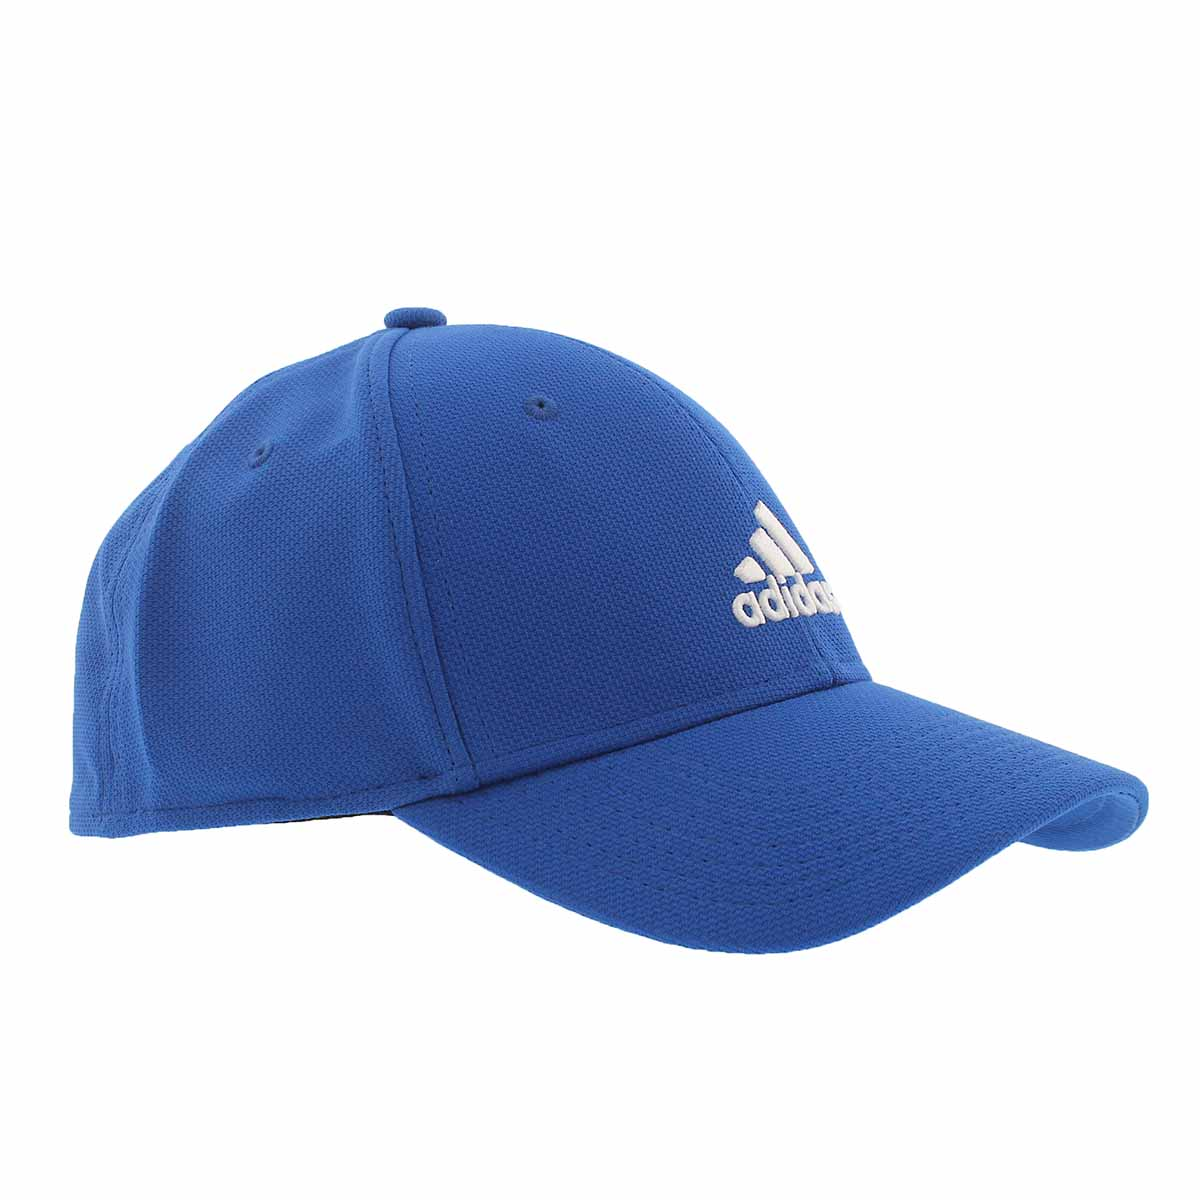 Mns Rucker Stretch Fit blu/wht cap